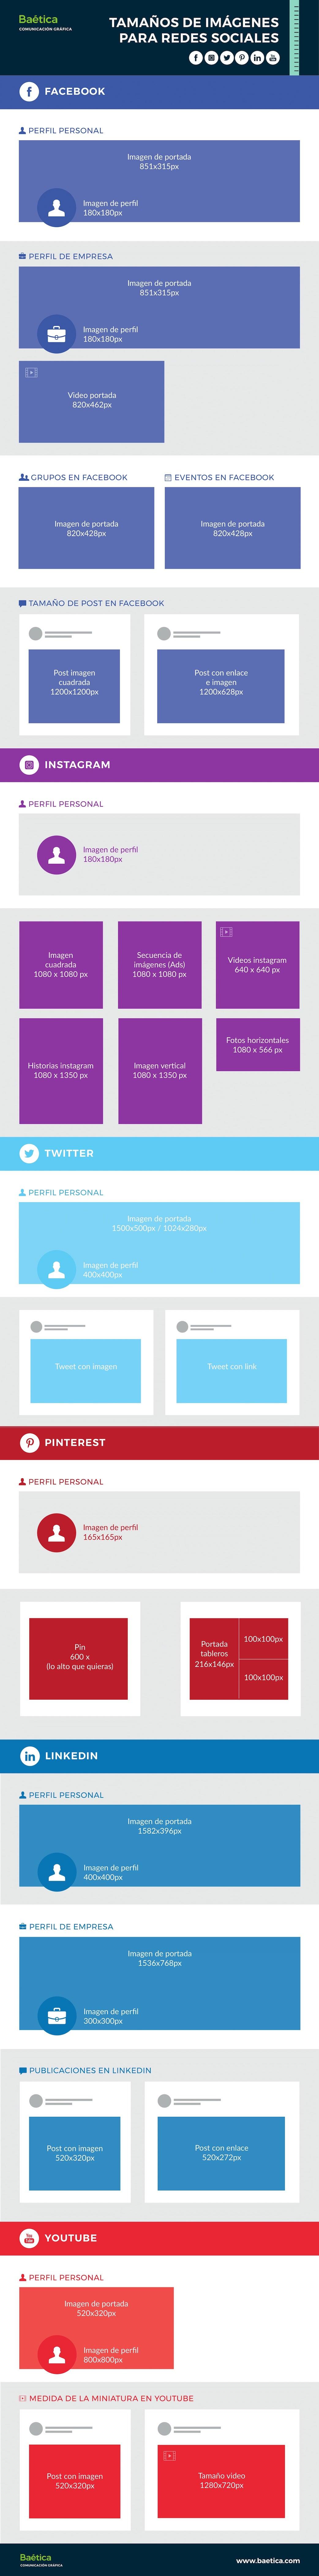 medidas en redes sociales 2019